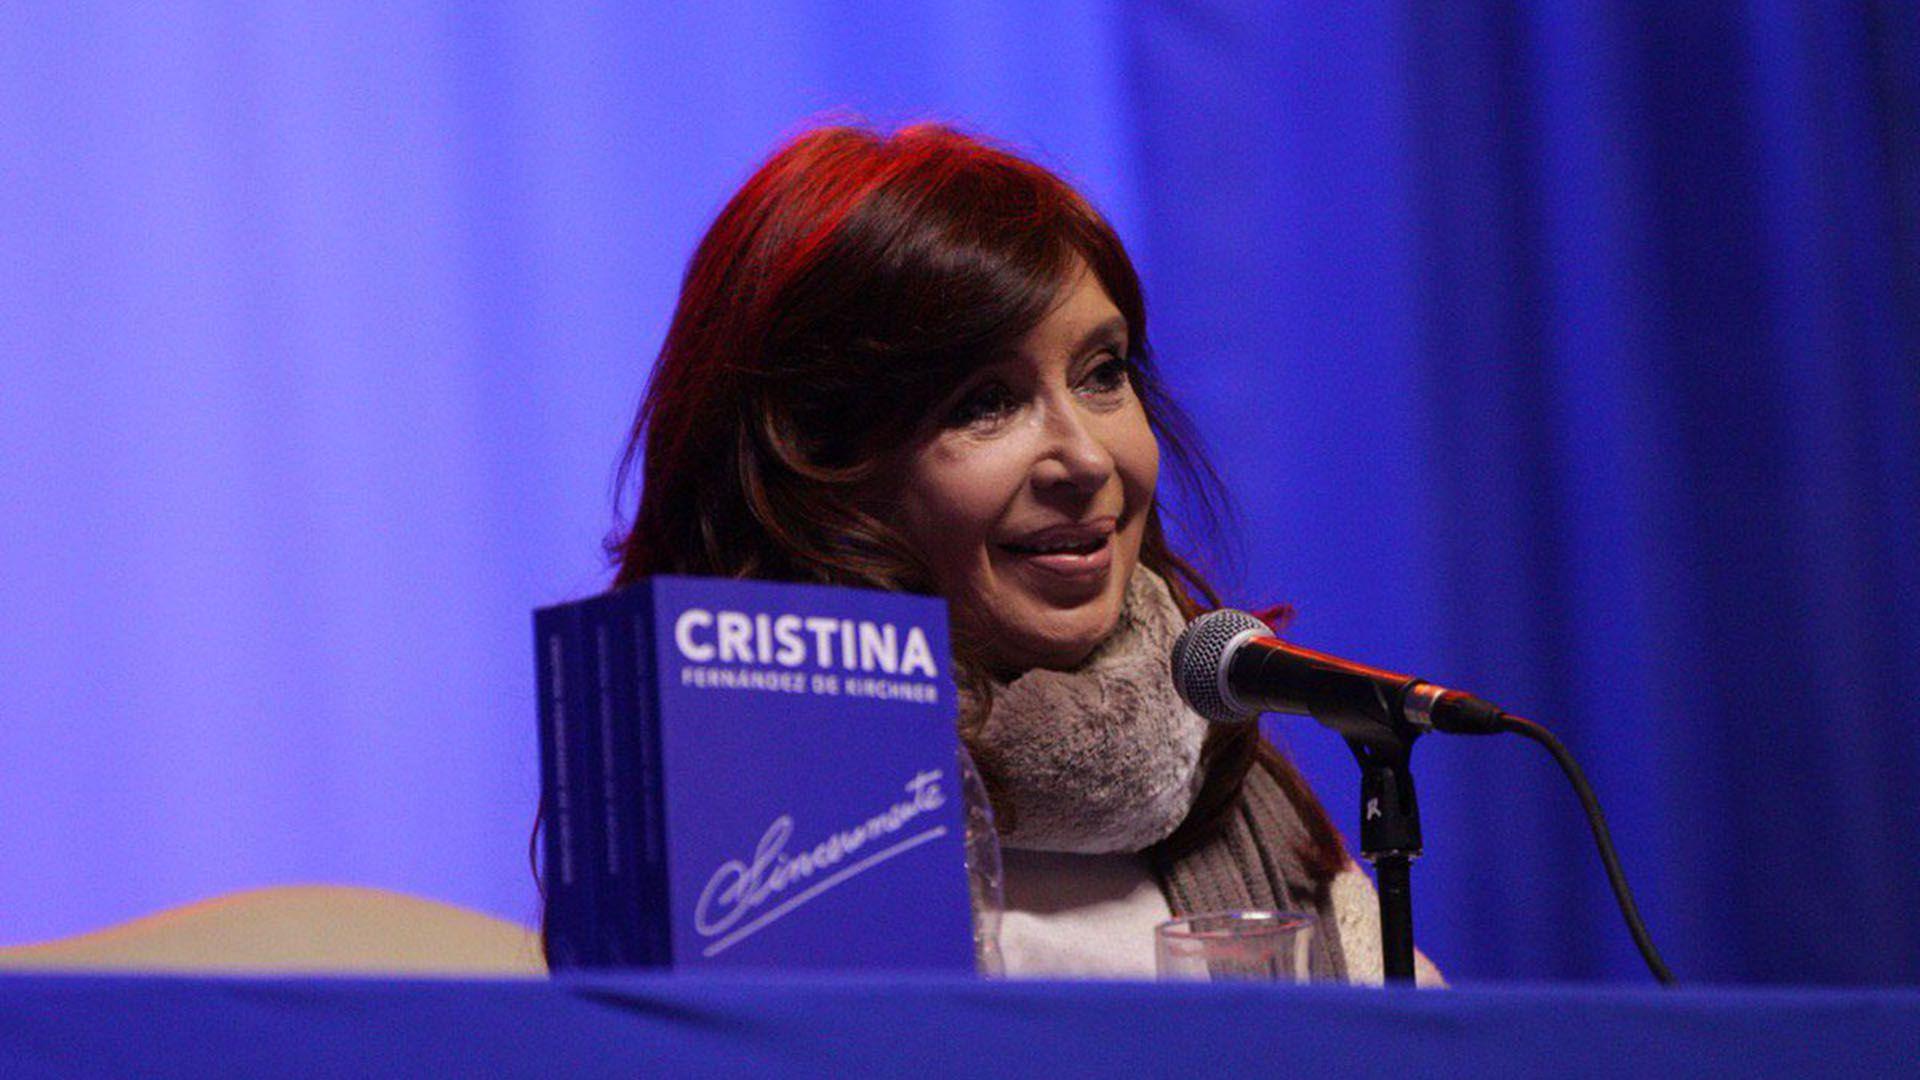 El sábado pasado, Cristina Kirchner presentó su libro en Río Gallegos. (@UniCiudadanaAR)